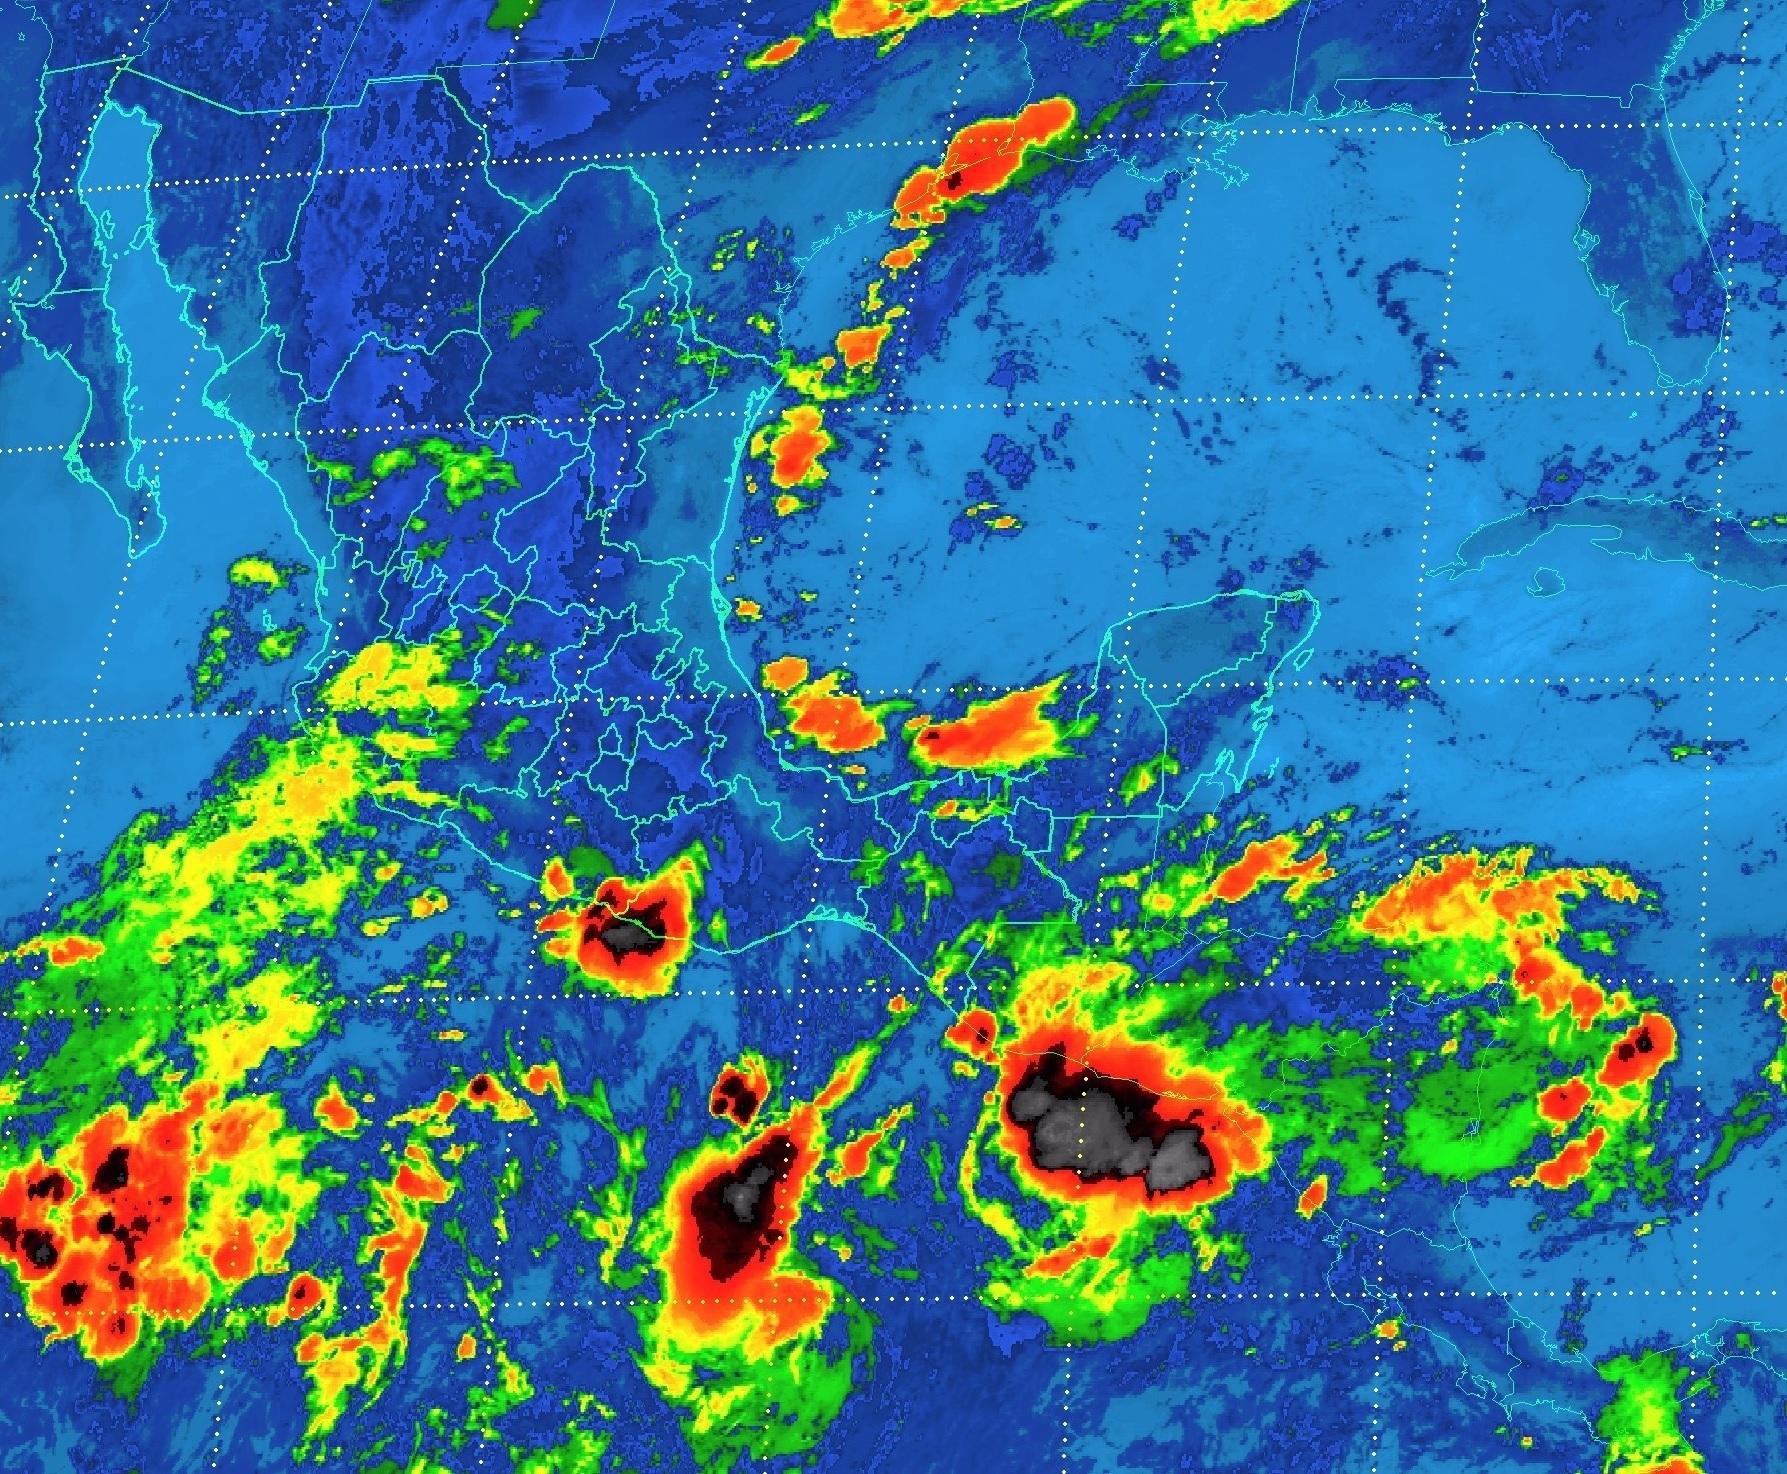 En regiones de Tamaulipas, San Luis Potosí, Hidalgo, Puebla, Veracruz y Chiapas, se prevén para hoy tormentas muy fuertes